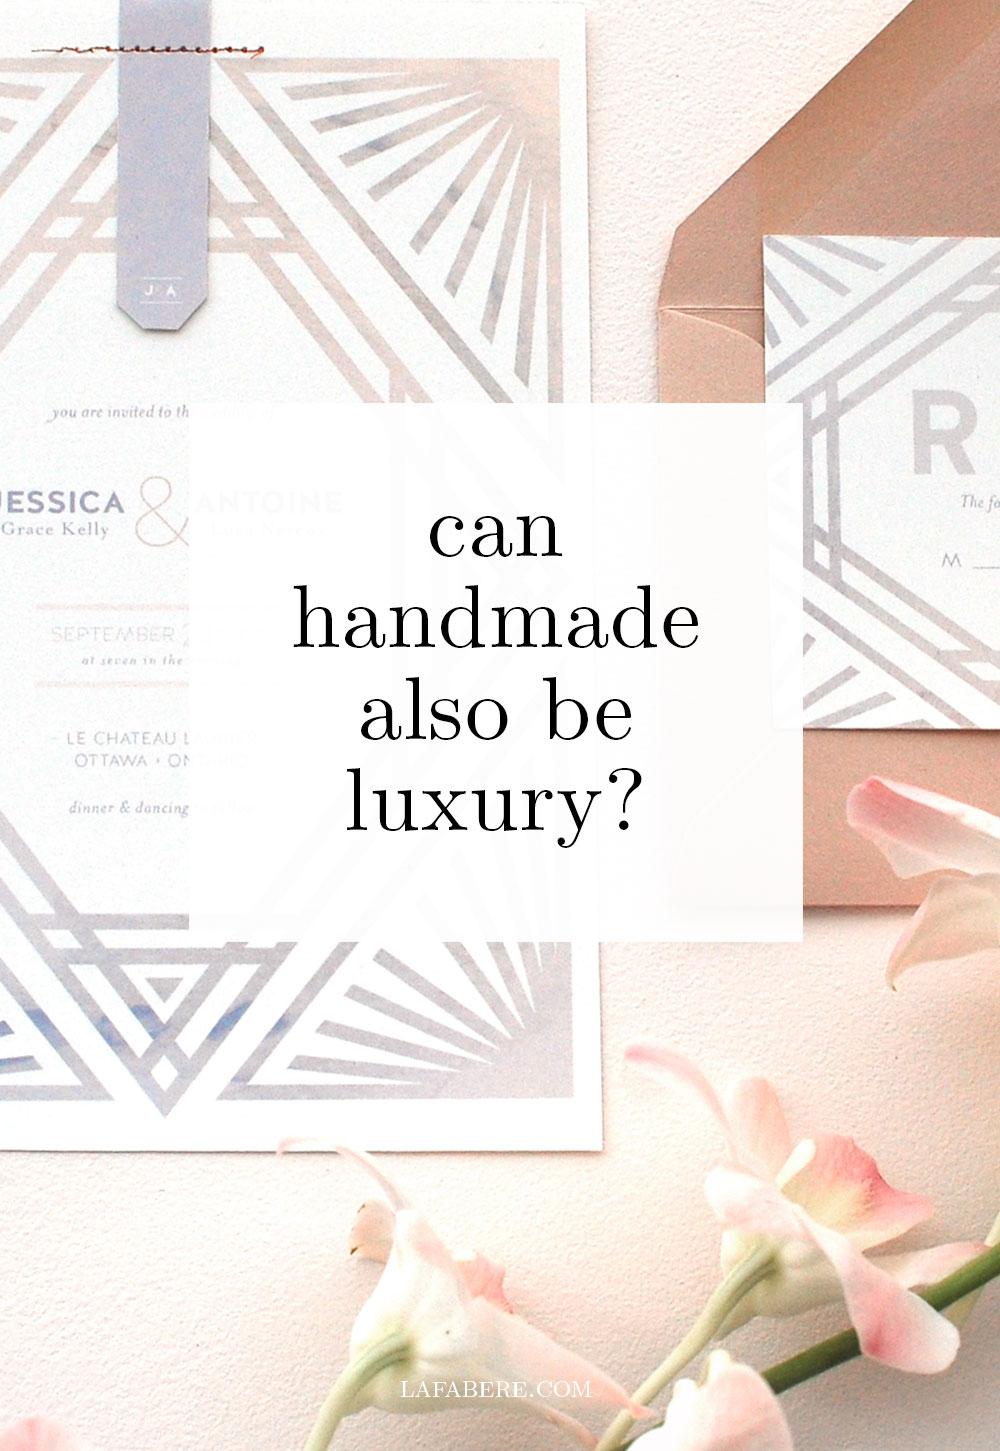 LaFabere talks handmade and luxury wedding invitations